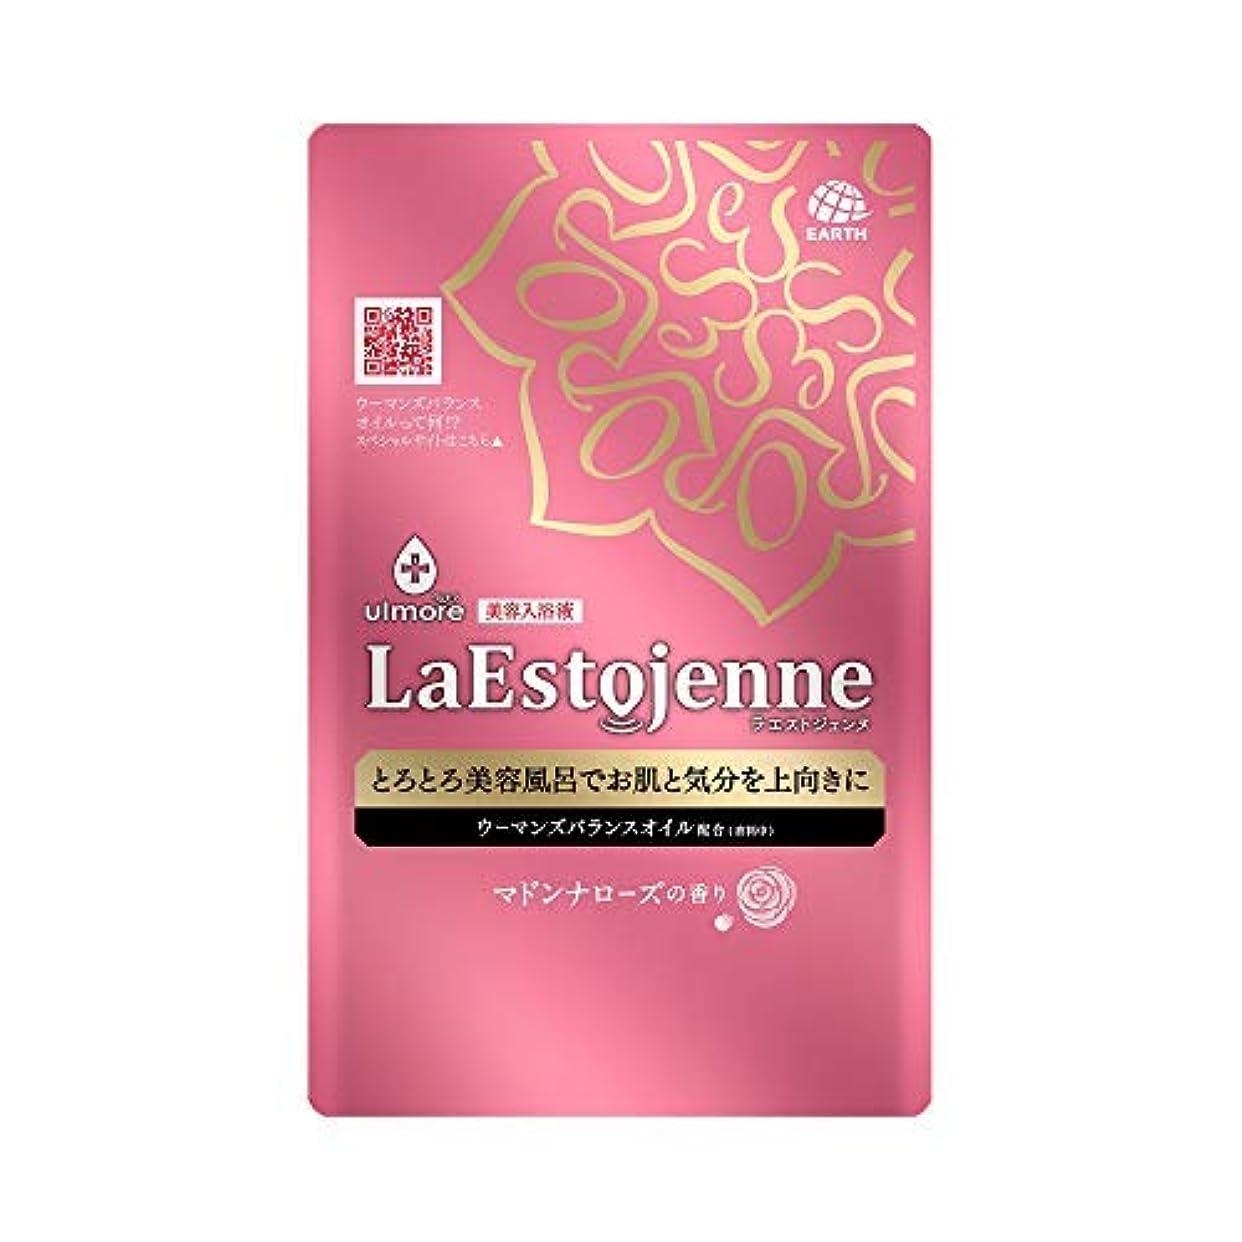 理容師化合物脱臼するウルモア ラエストジェンヌ マドンナローズの香り 1包 × 4個セット